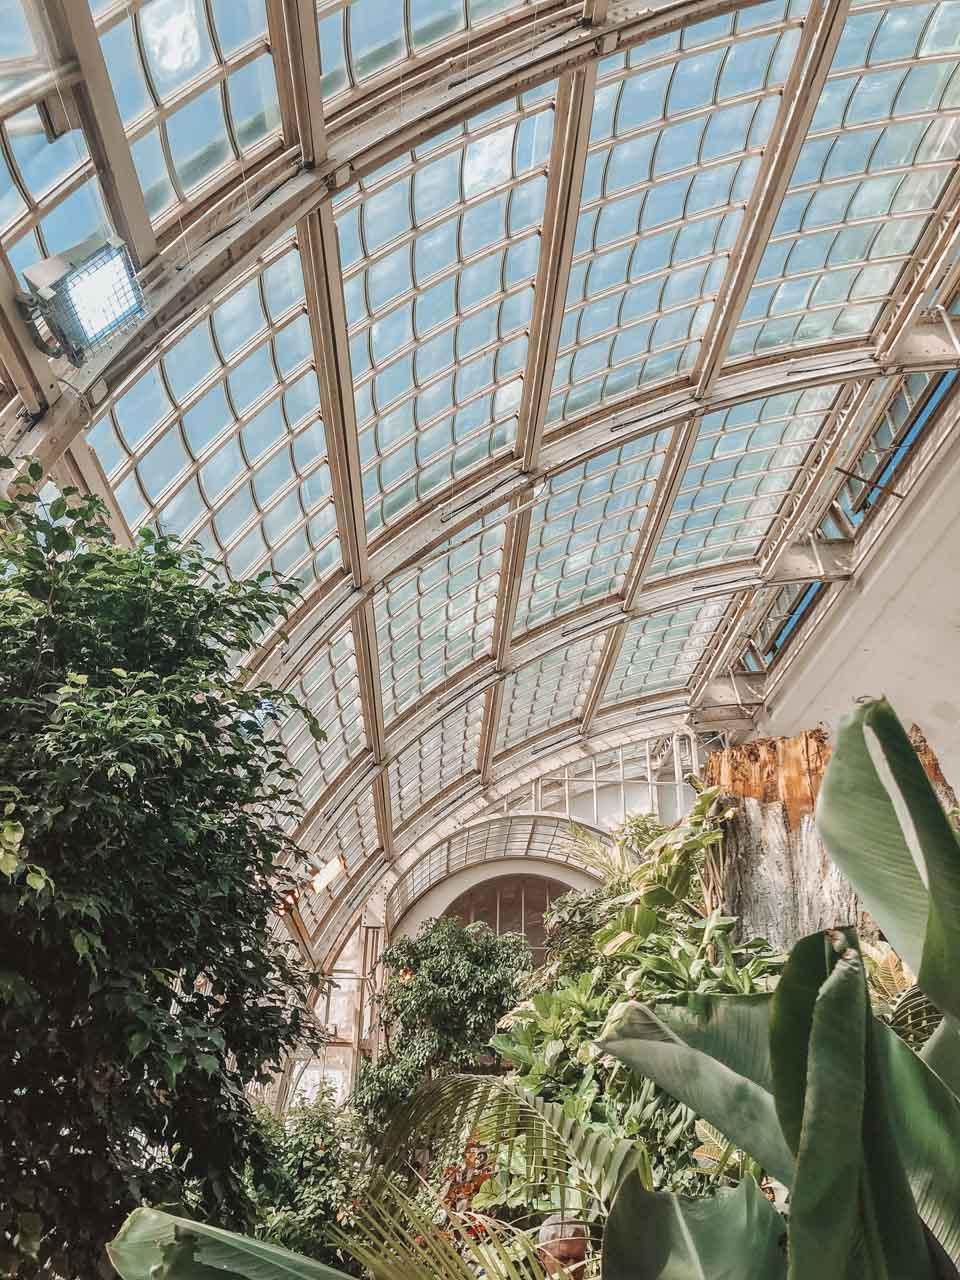 The inside of Schmetterlinghaus in Vienna, Austria